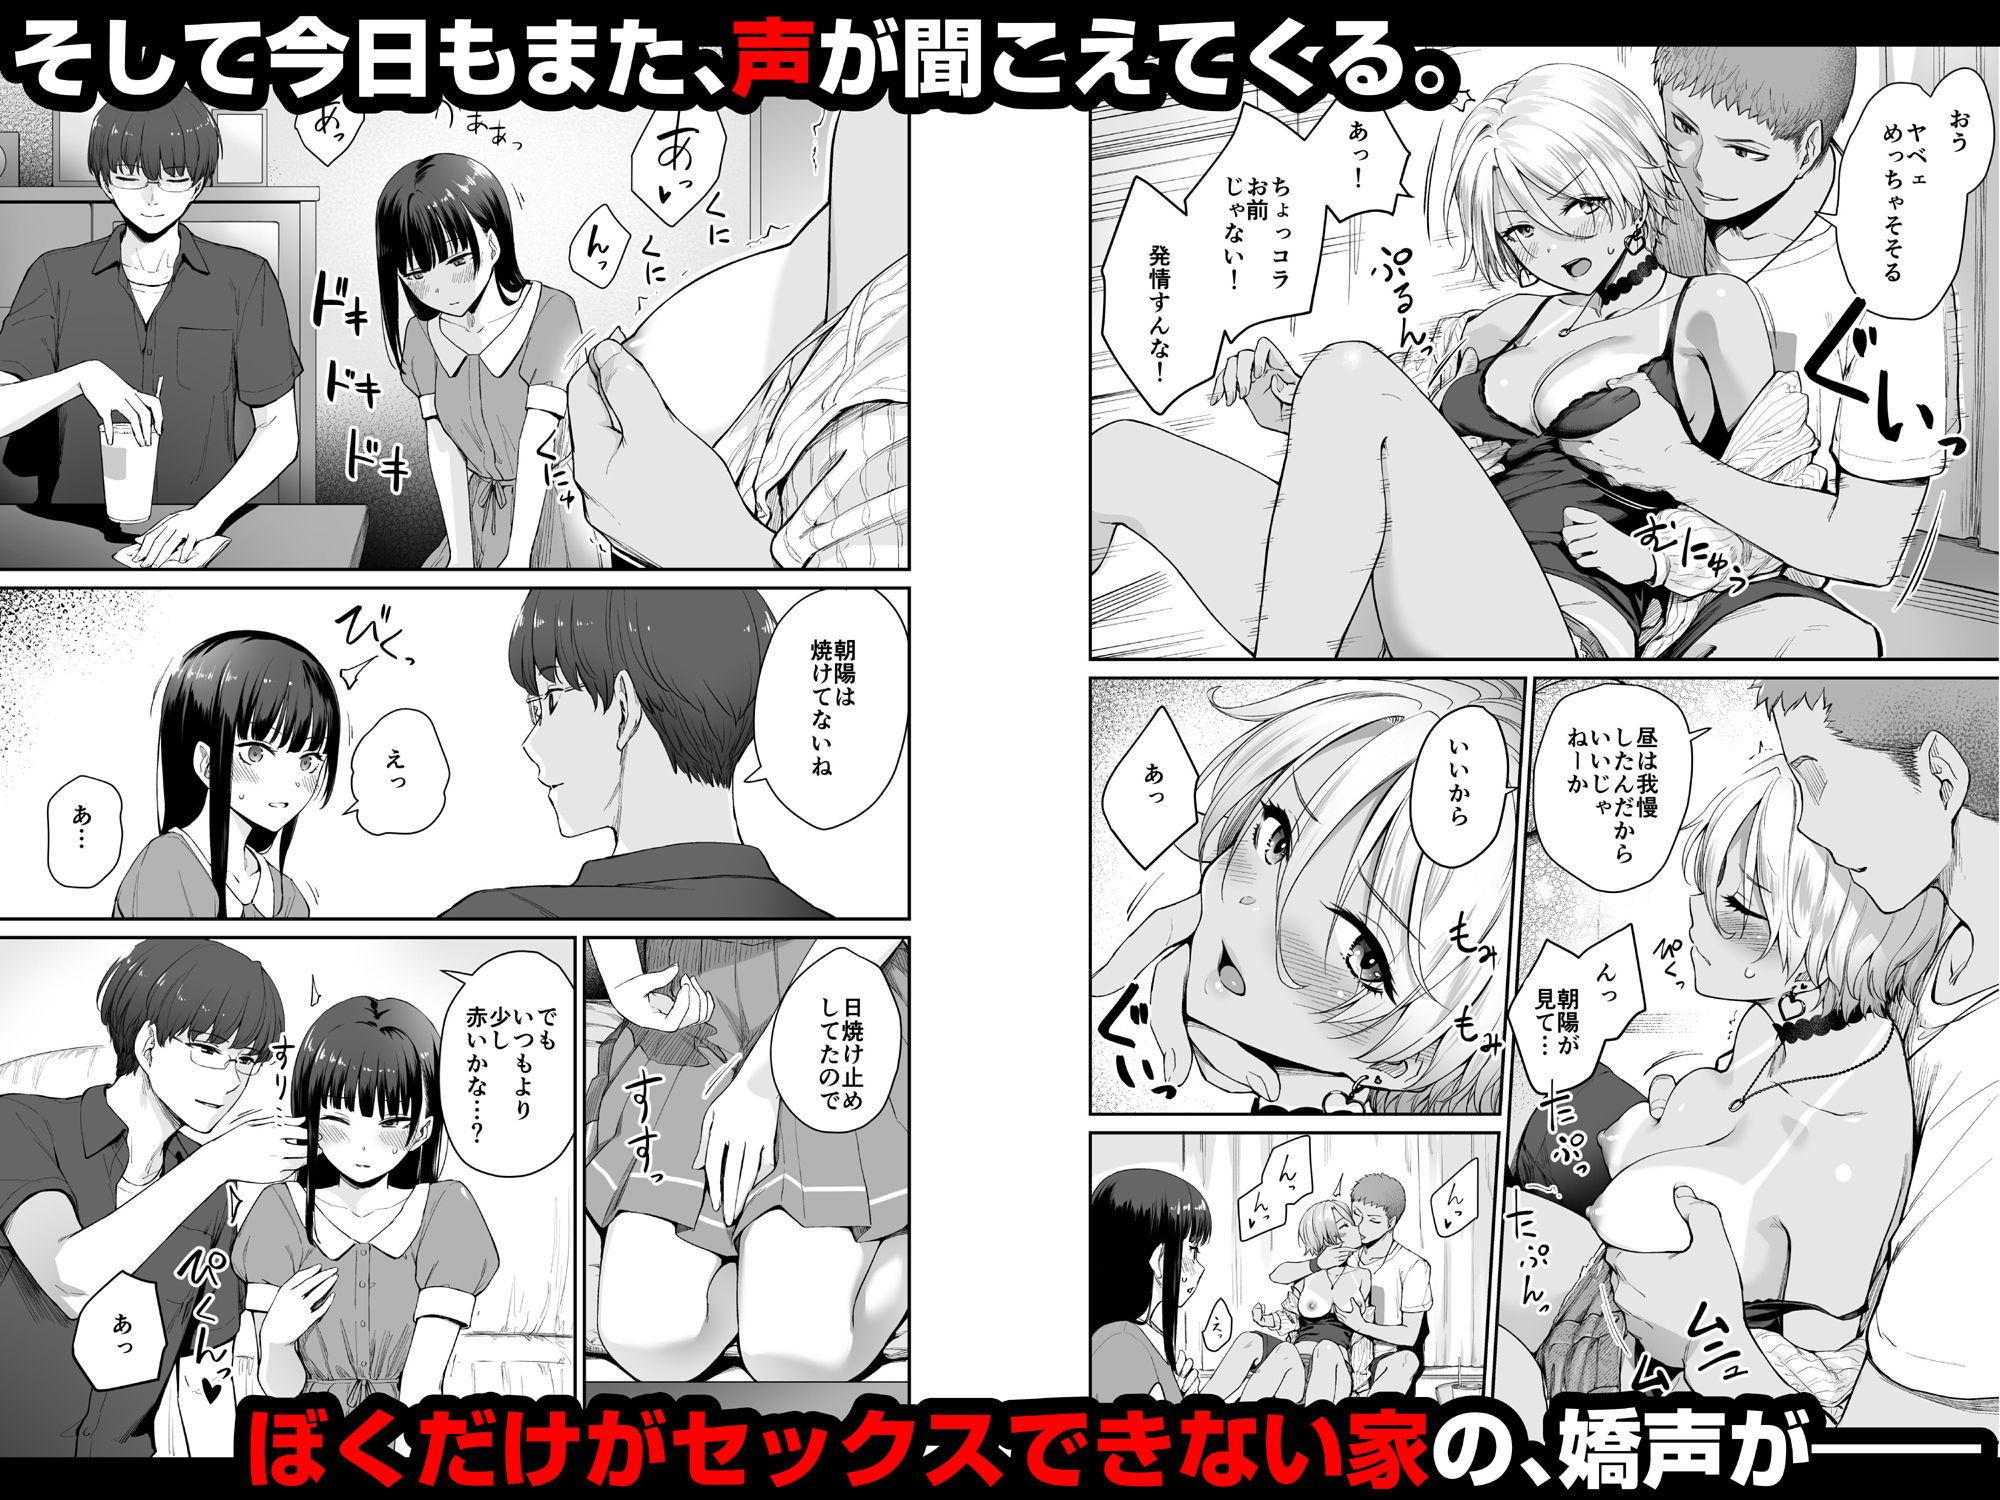 【エロ漫画】ぼくだけがセックスできない家 続編 著・紅村かる 【同人コミック】#9